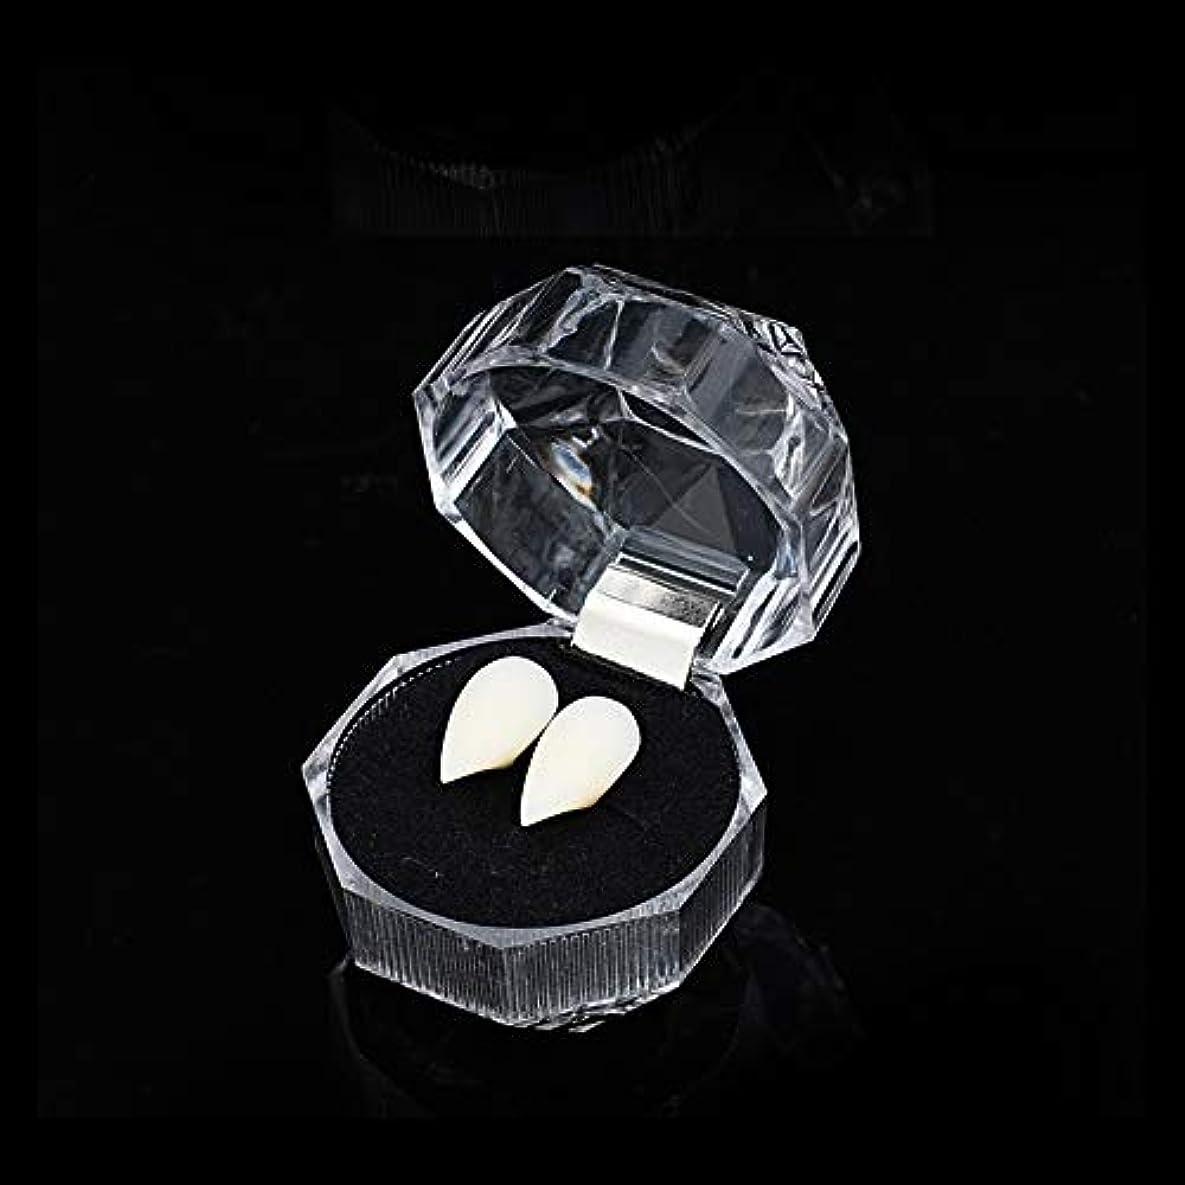 革命的ママ環境2ピースユニセックスハロウィーン義歯仮面舞踏会の小道具、ロールプレイング偽歯幽霊(13 mm、15 mm、17 mm、19 mm),17mm